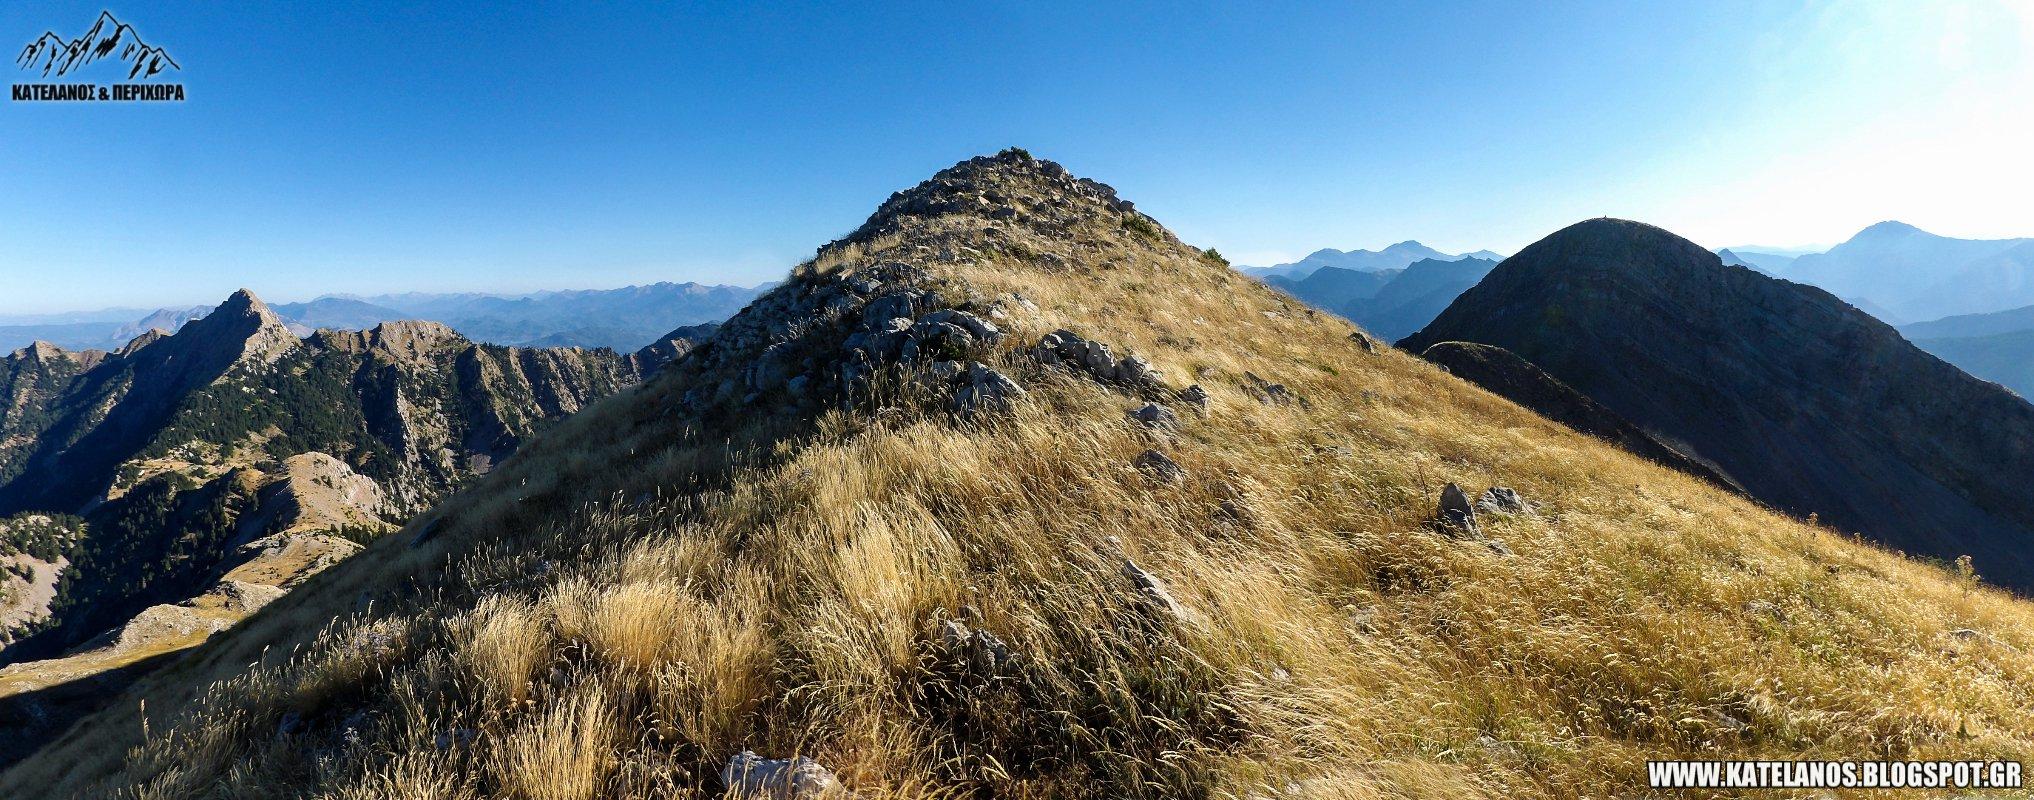 βουνοκορφες κουτουπας νεραιδοβουνι παναιτωλικου ορους